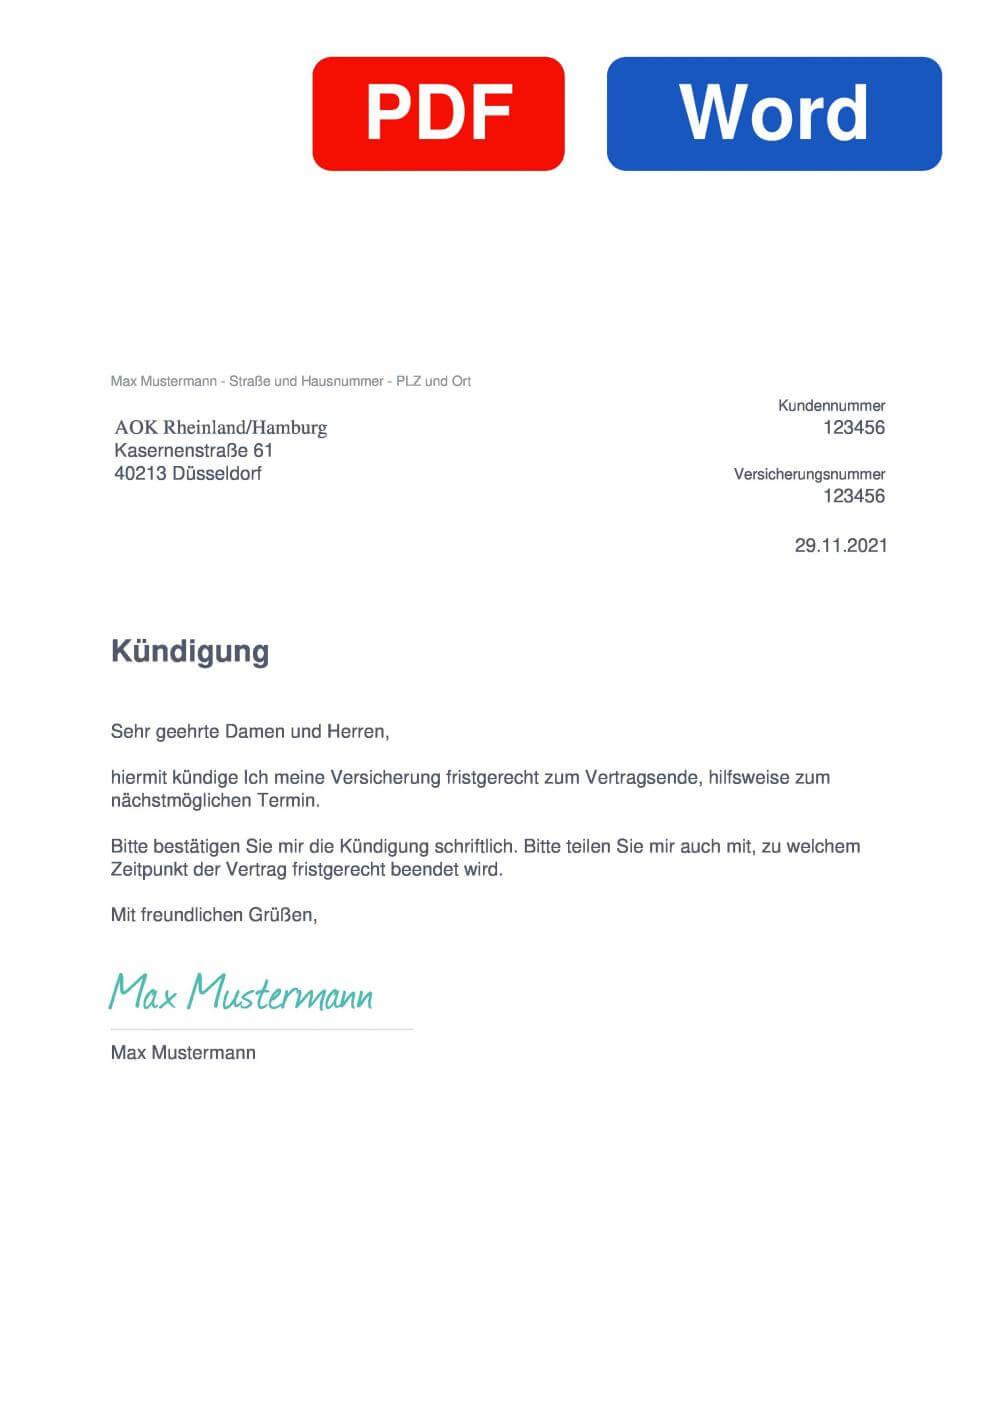 AOK Rheinland/Hamburg Muster Vorlage für Kündigungsschreiben